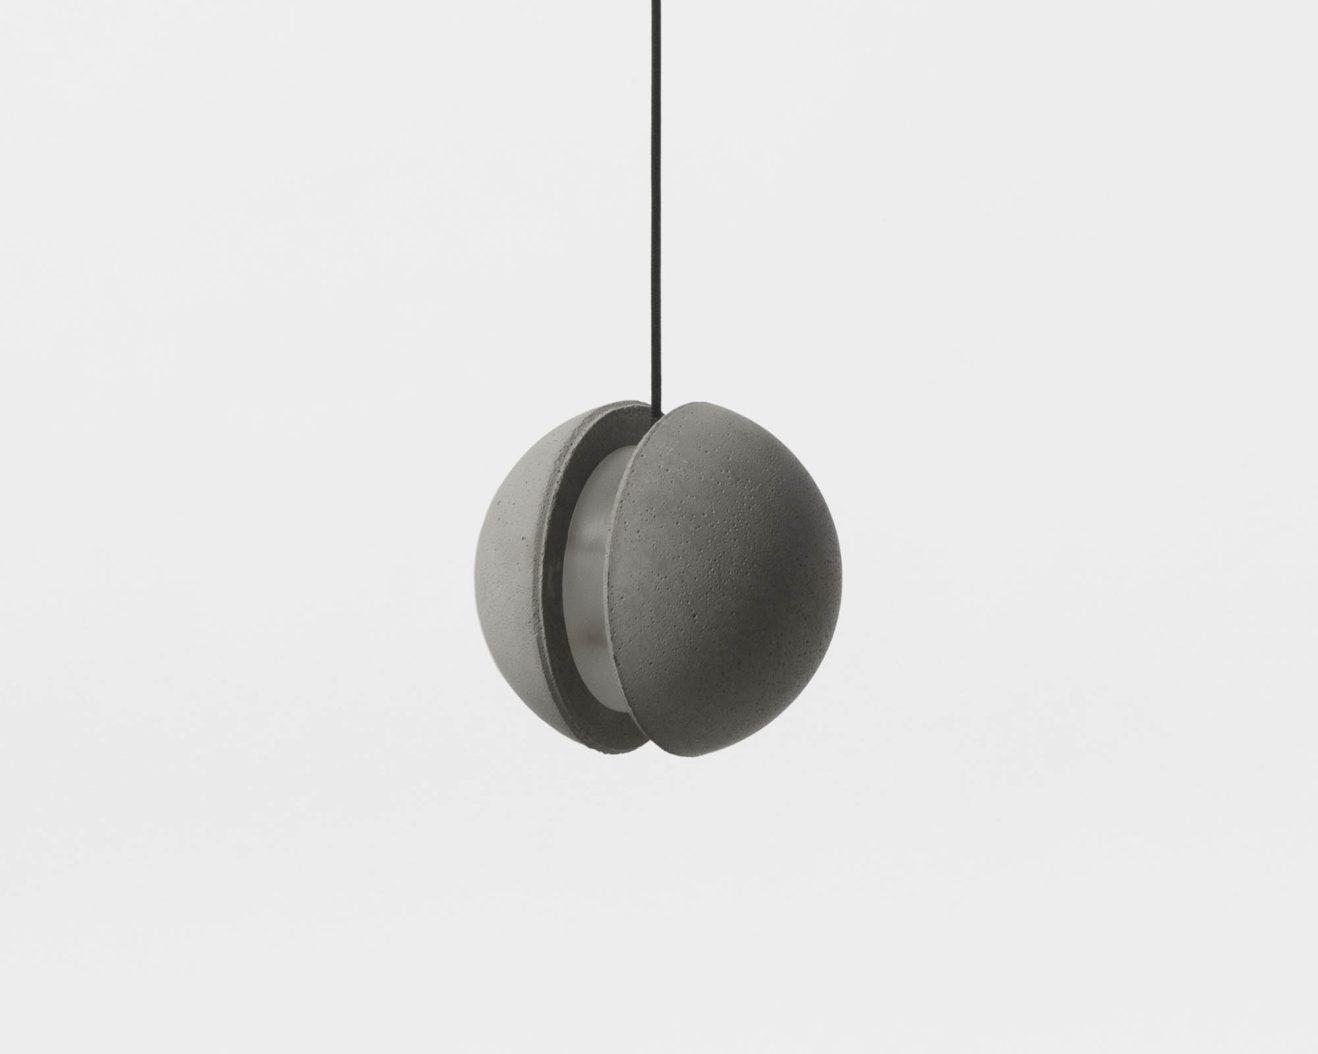 Moon-BentuDesign-pendantlamp2